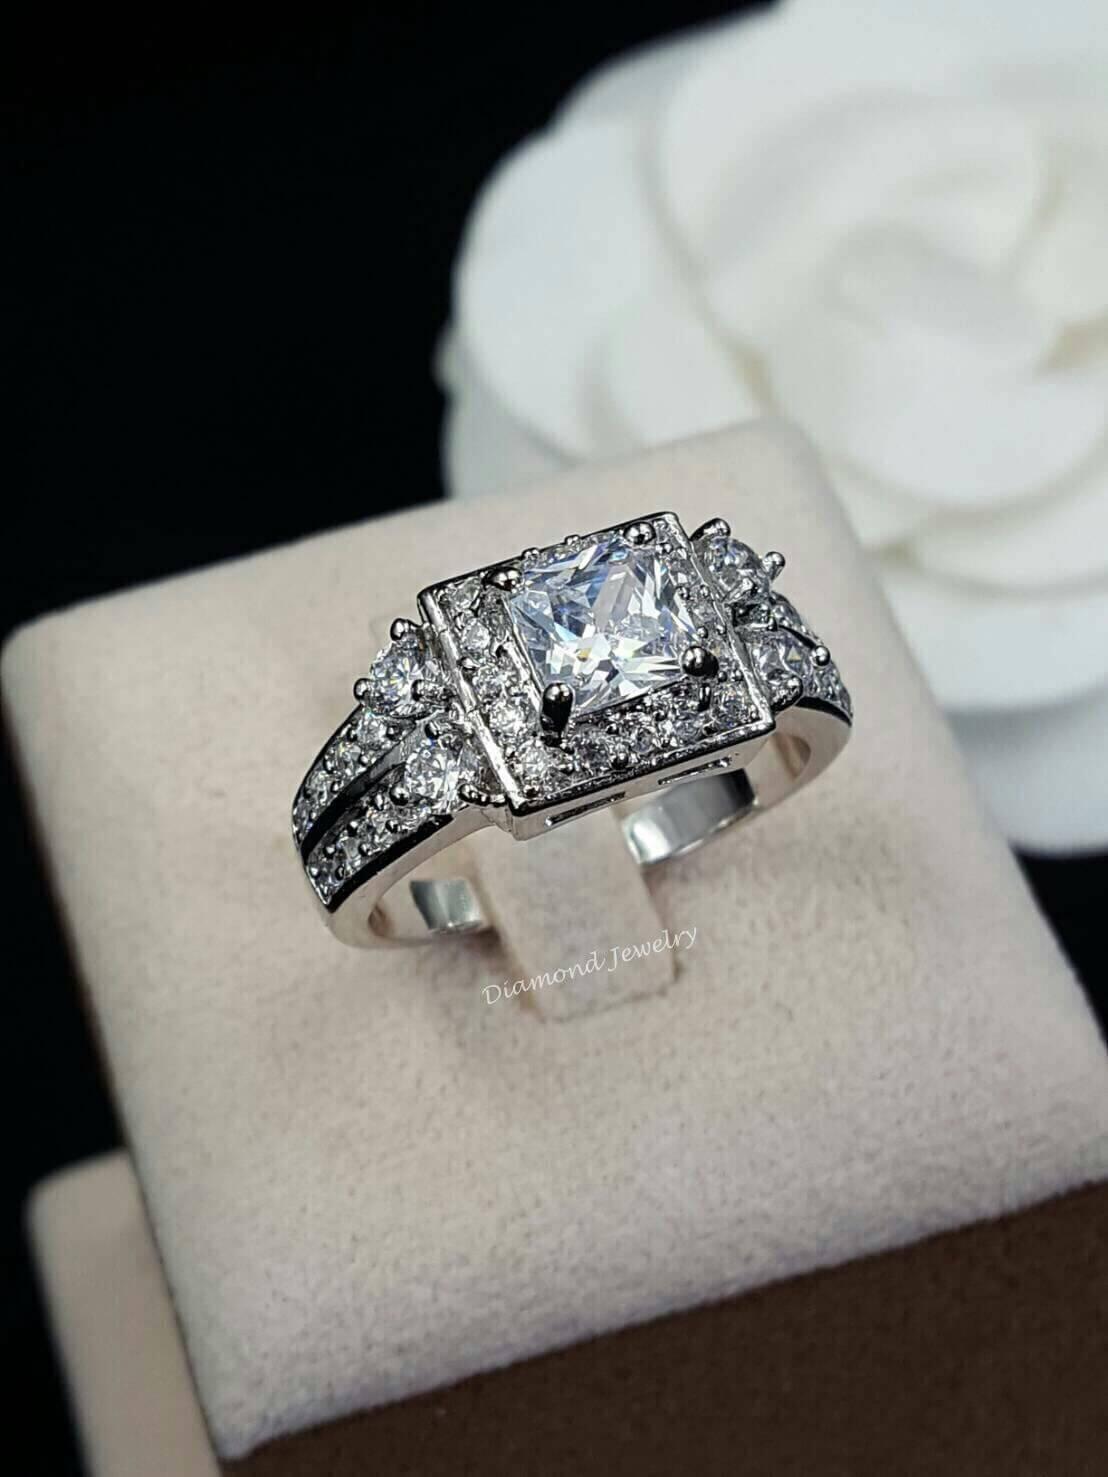 พร้อมส่ง Diamond Ring งานเพชร CZ แท้ เพชร princess cut